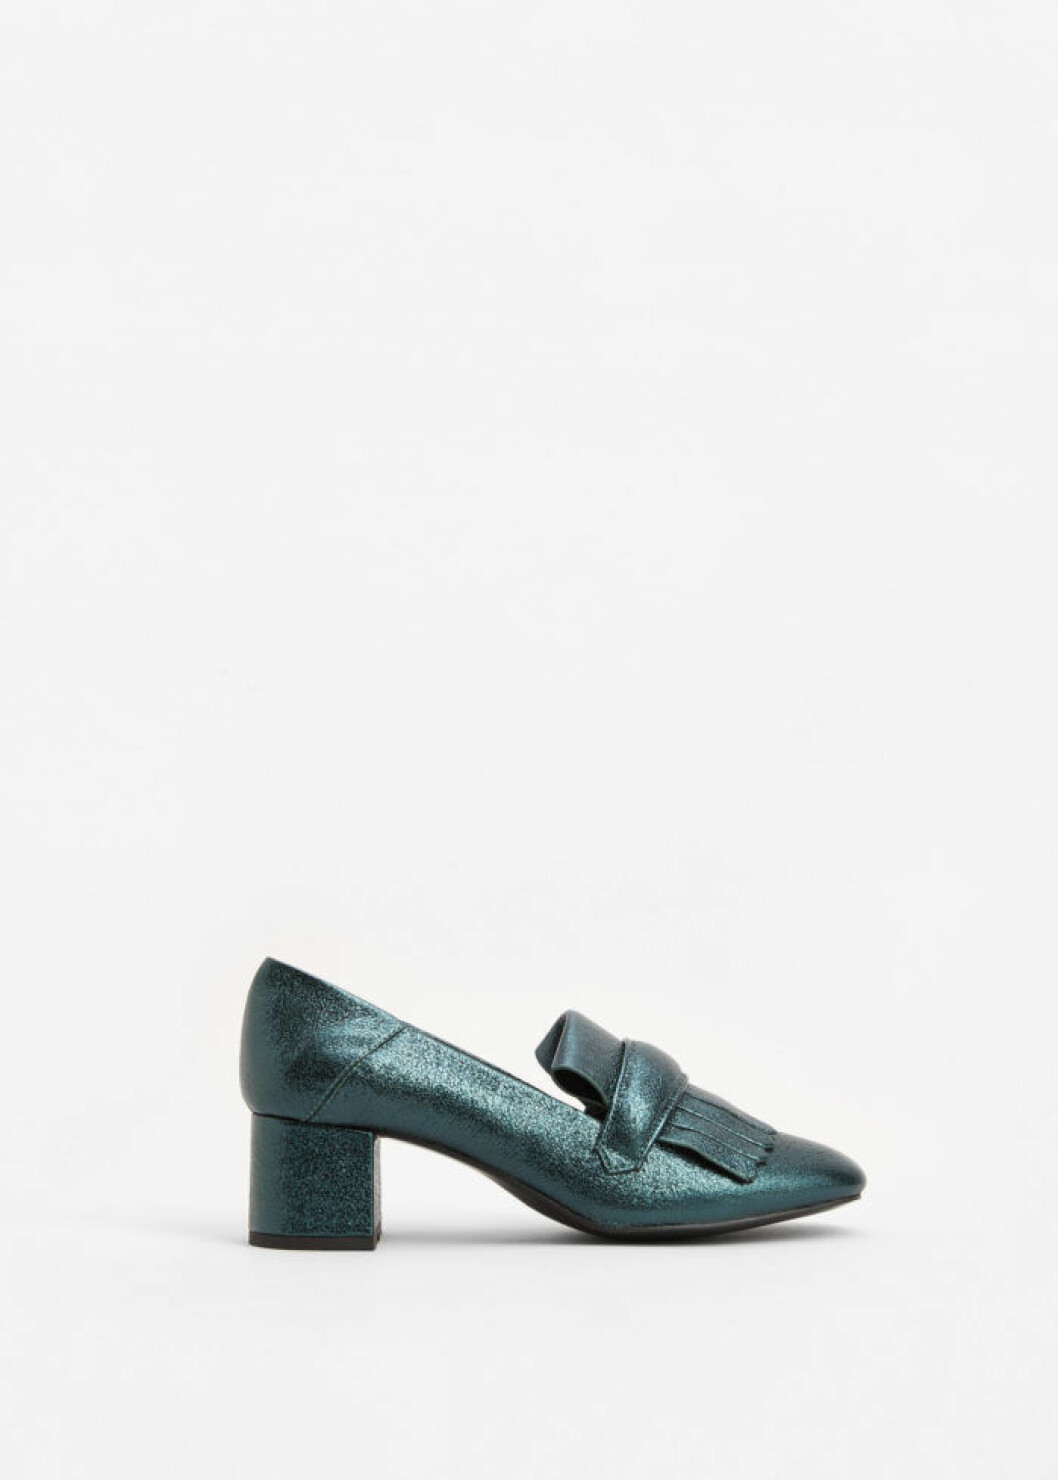 Metallic loafers med klack, 699 kr, Mango.